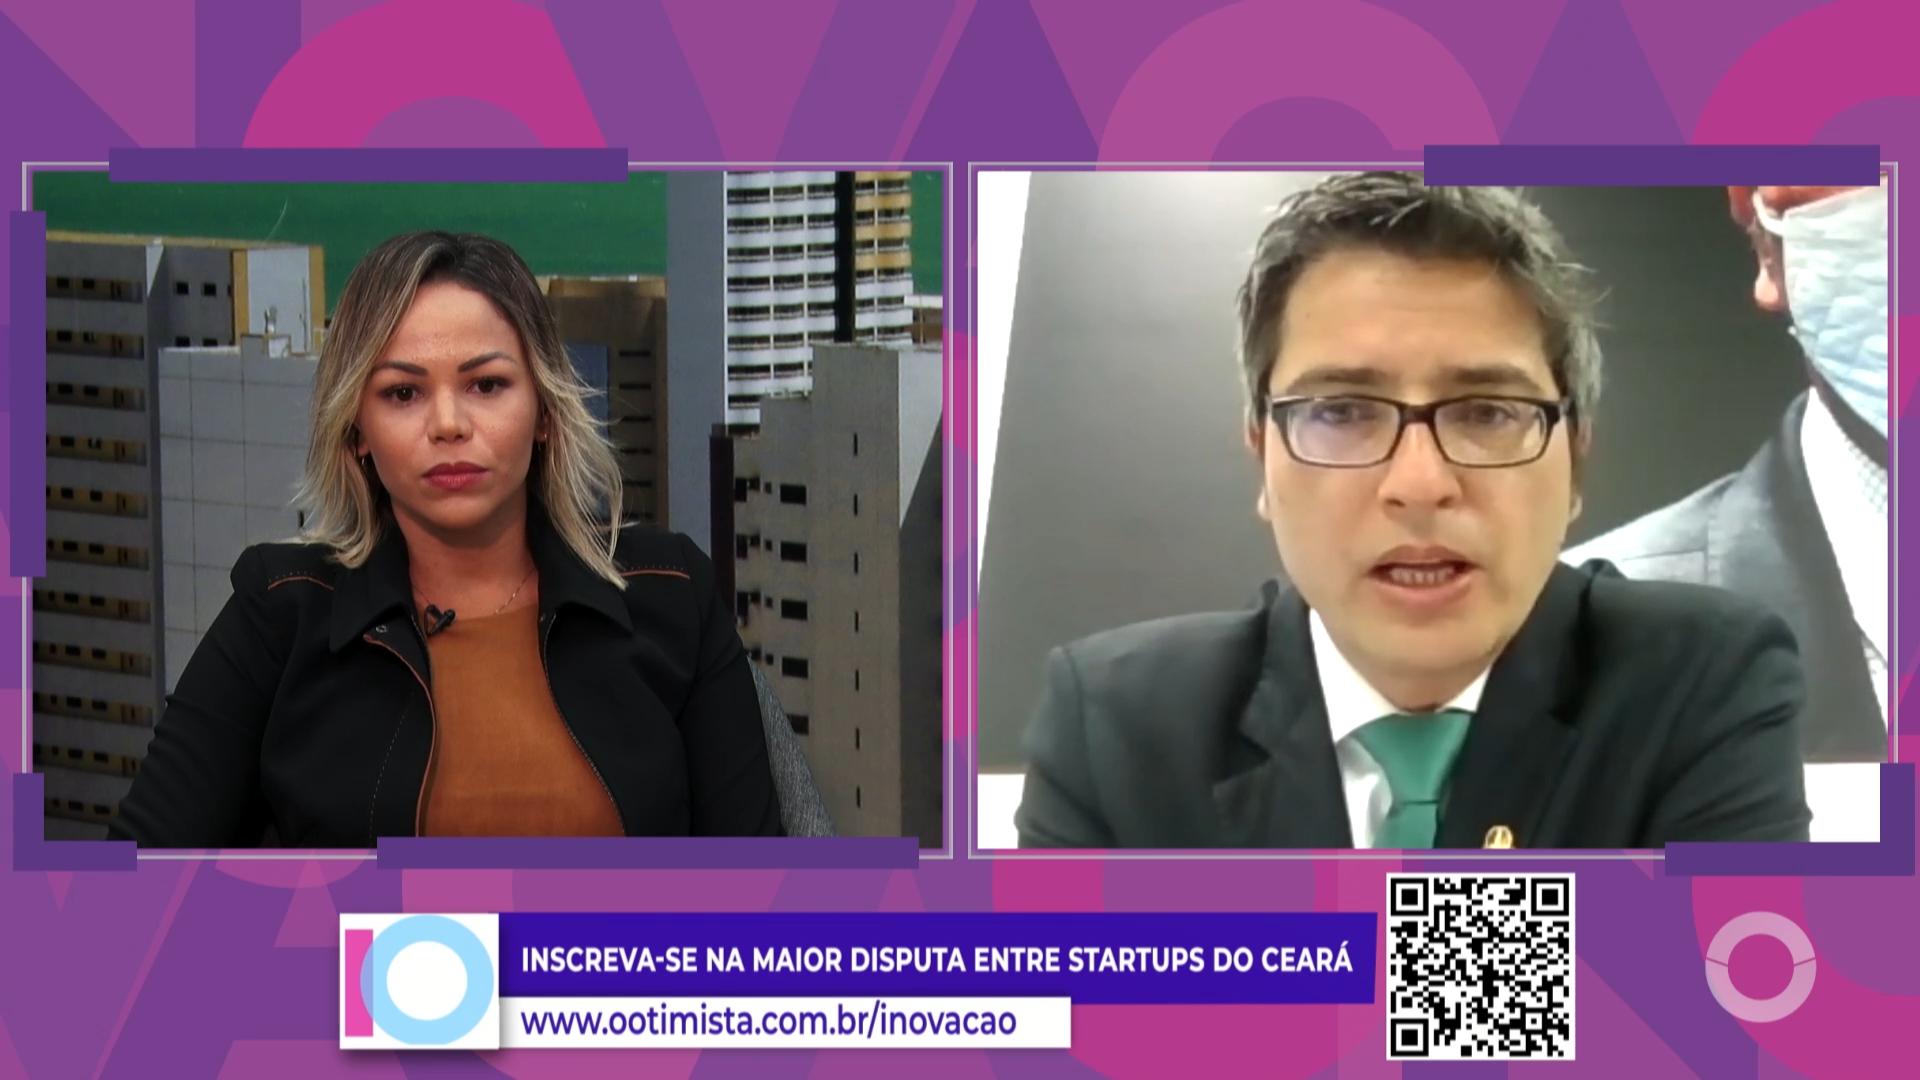 Prêmio Otimista de Inovação – Marco legal das startups com Carlos portinho, Senador PL-RJ